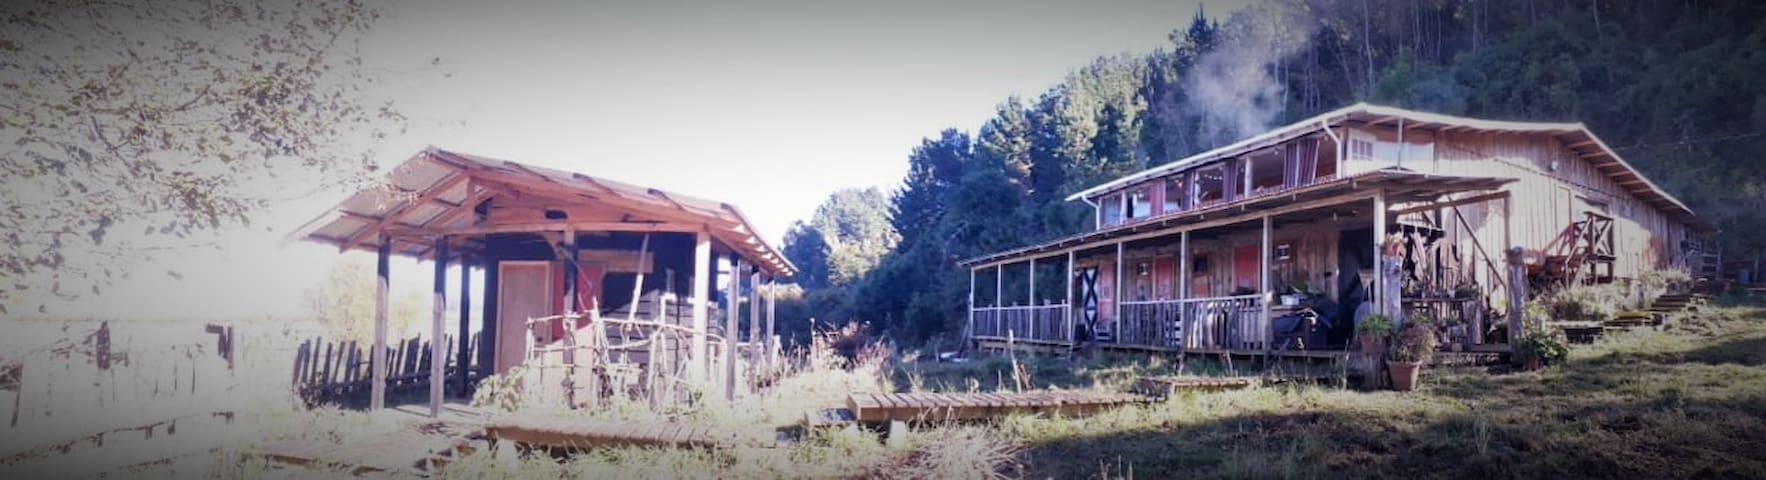 Fogón de Chomio:  Autentica Ruralidad Sureña